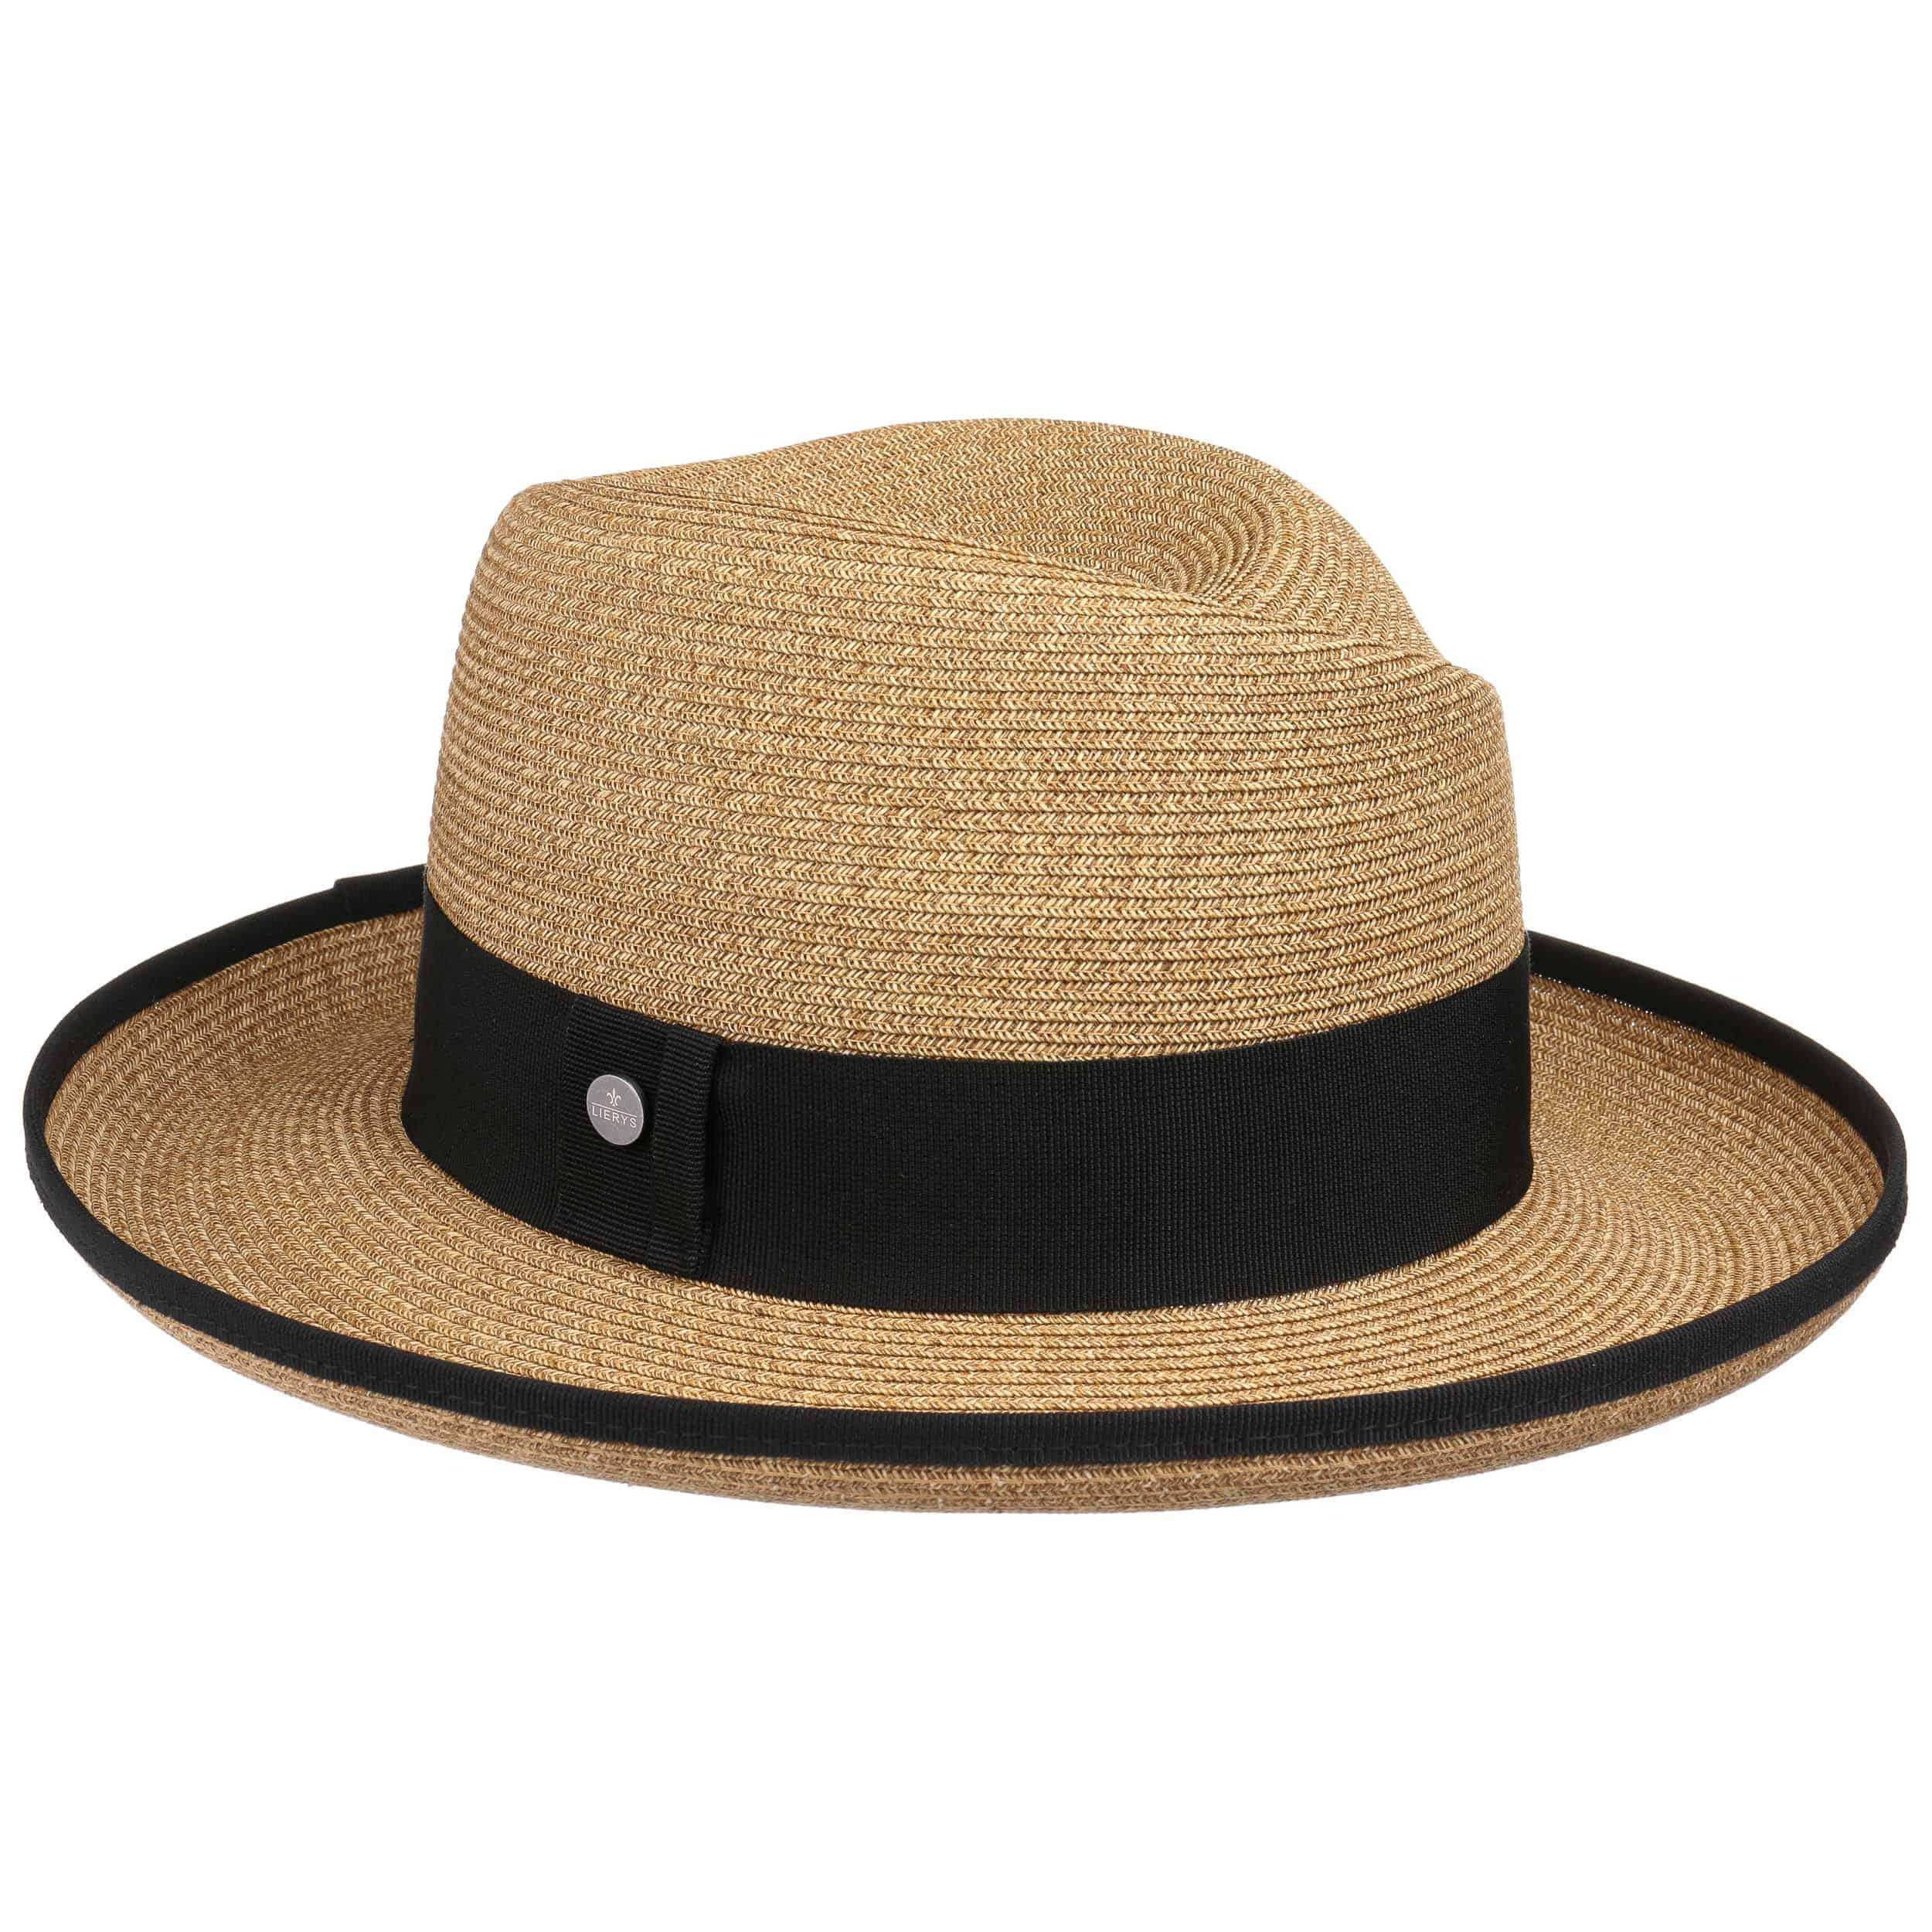 Twisted Crown Straw Hat by Lierys Sun hats Lierys 9IFkS